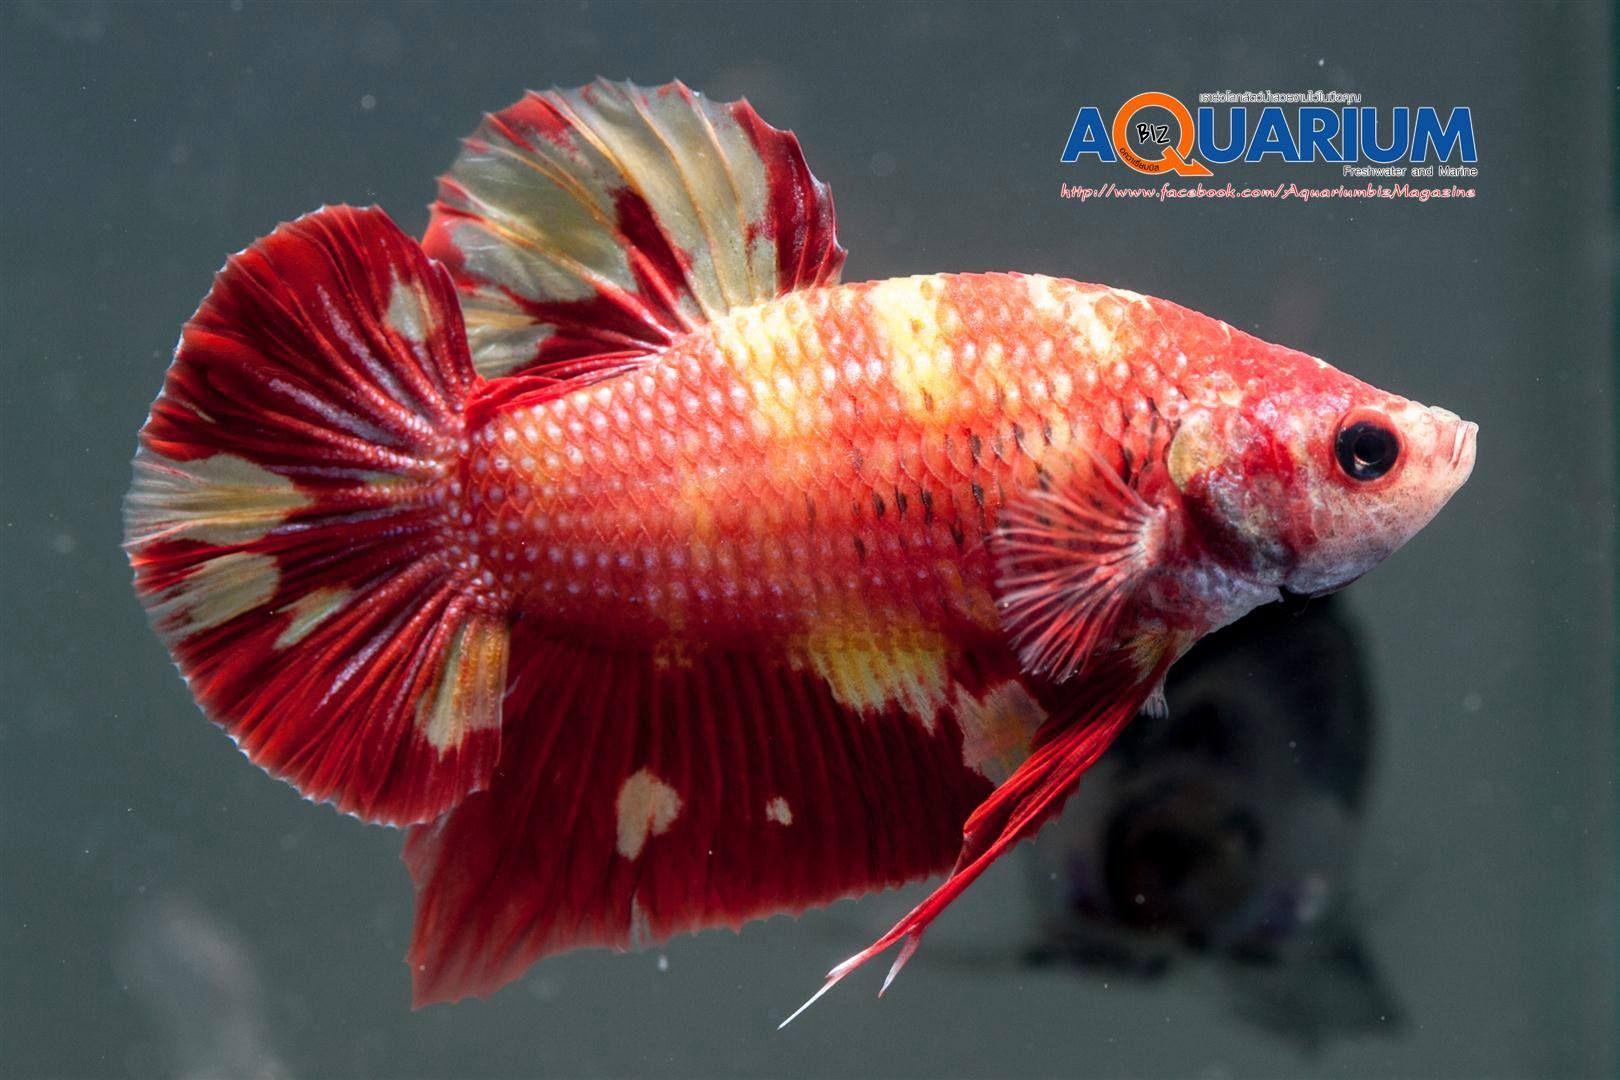 ผลการประกวดปลาก ด งานเกษตรแฟร การประกวดและแข งข นทางการประมง จำหน าย ขายปลาก ดไทย ปลาสวยงาม ราคาถ กค ณภาพด Lovebettafish Com Inspired ปลาก ด ปลาสวยงาม